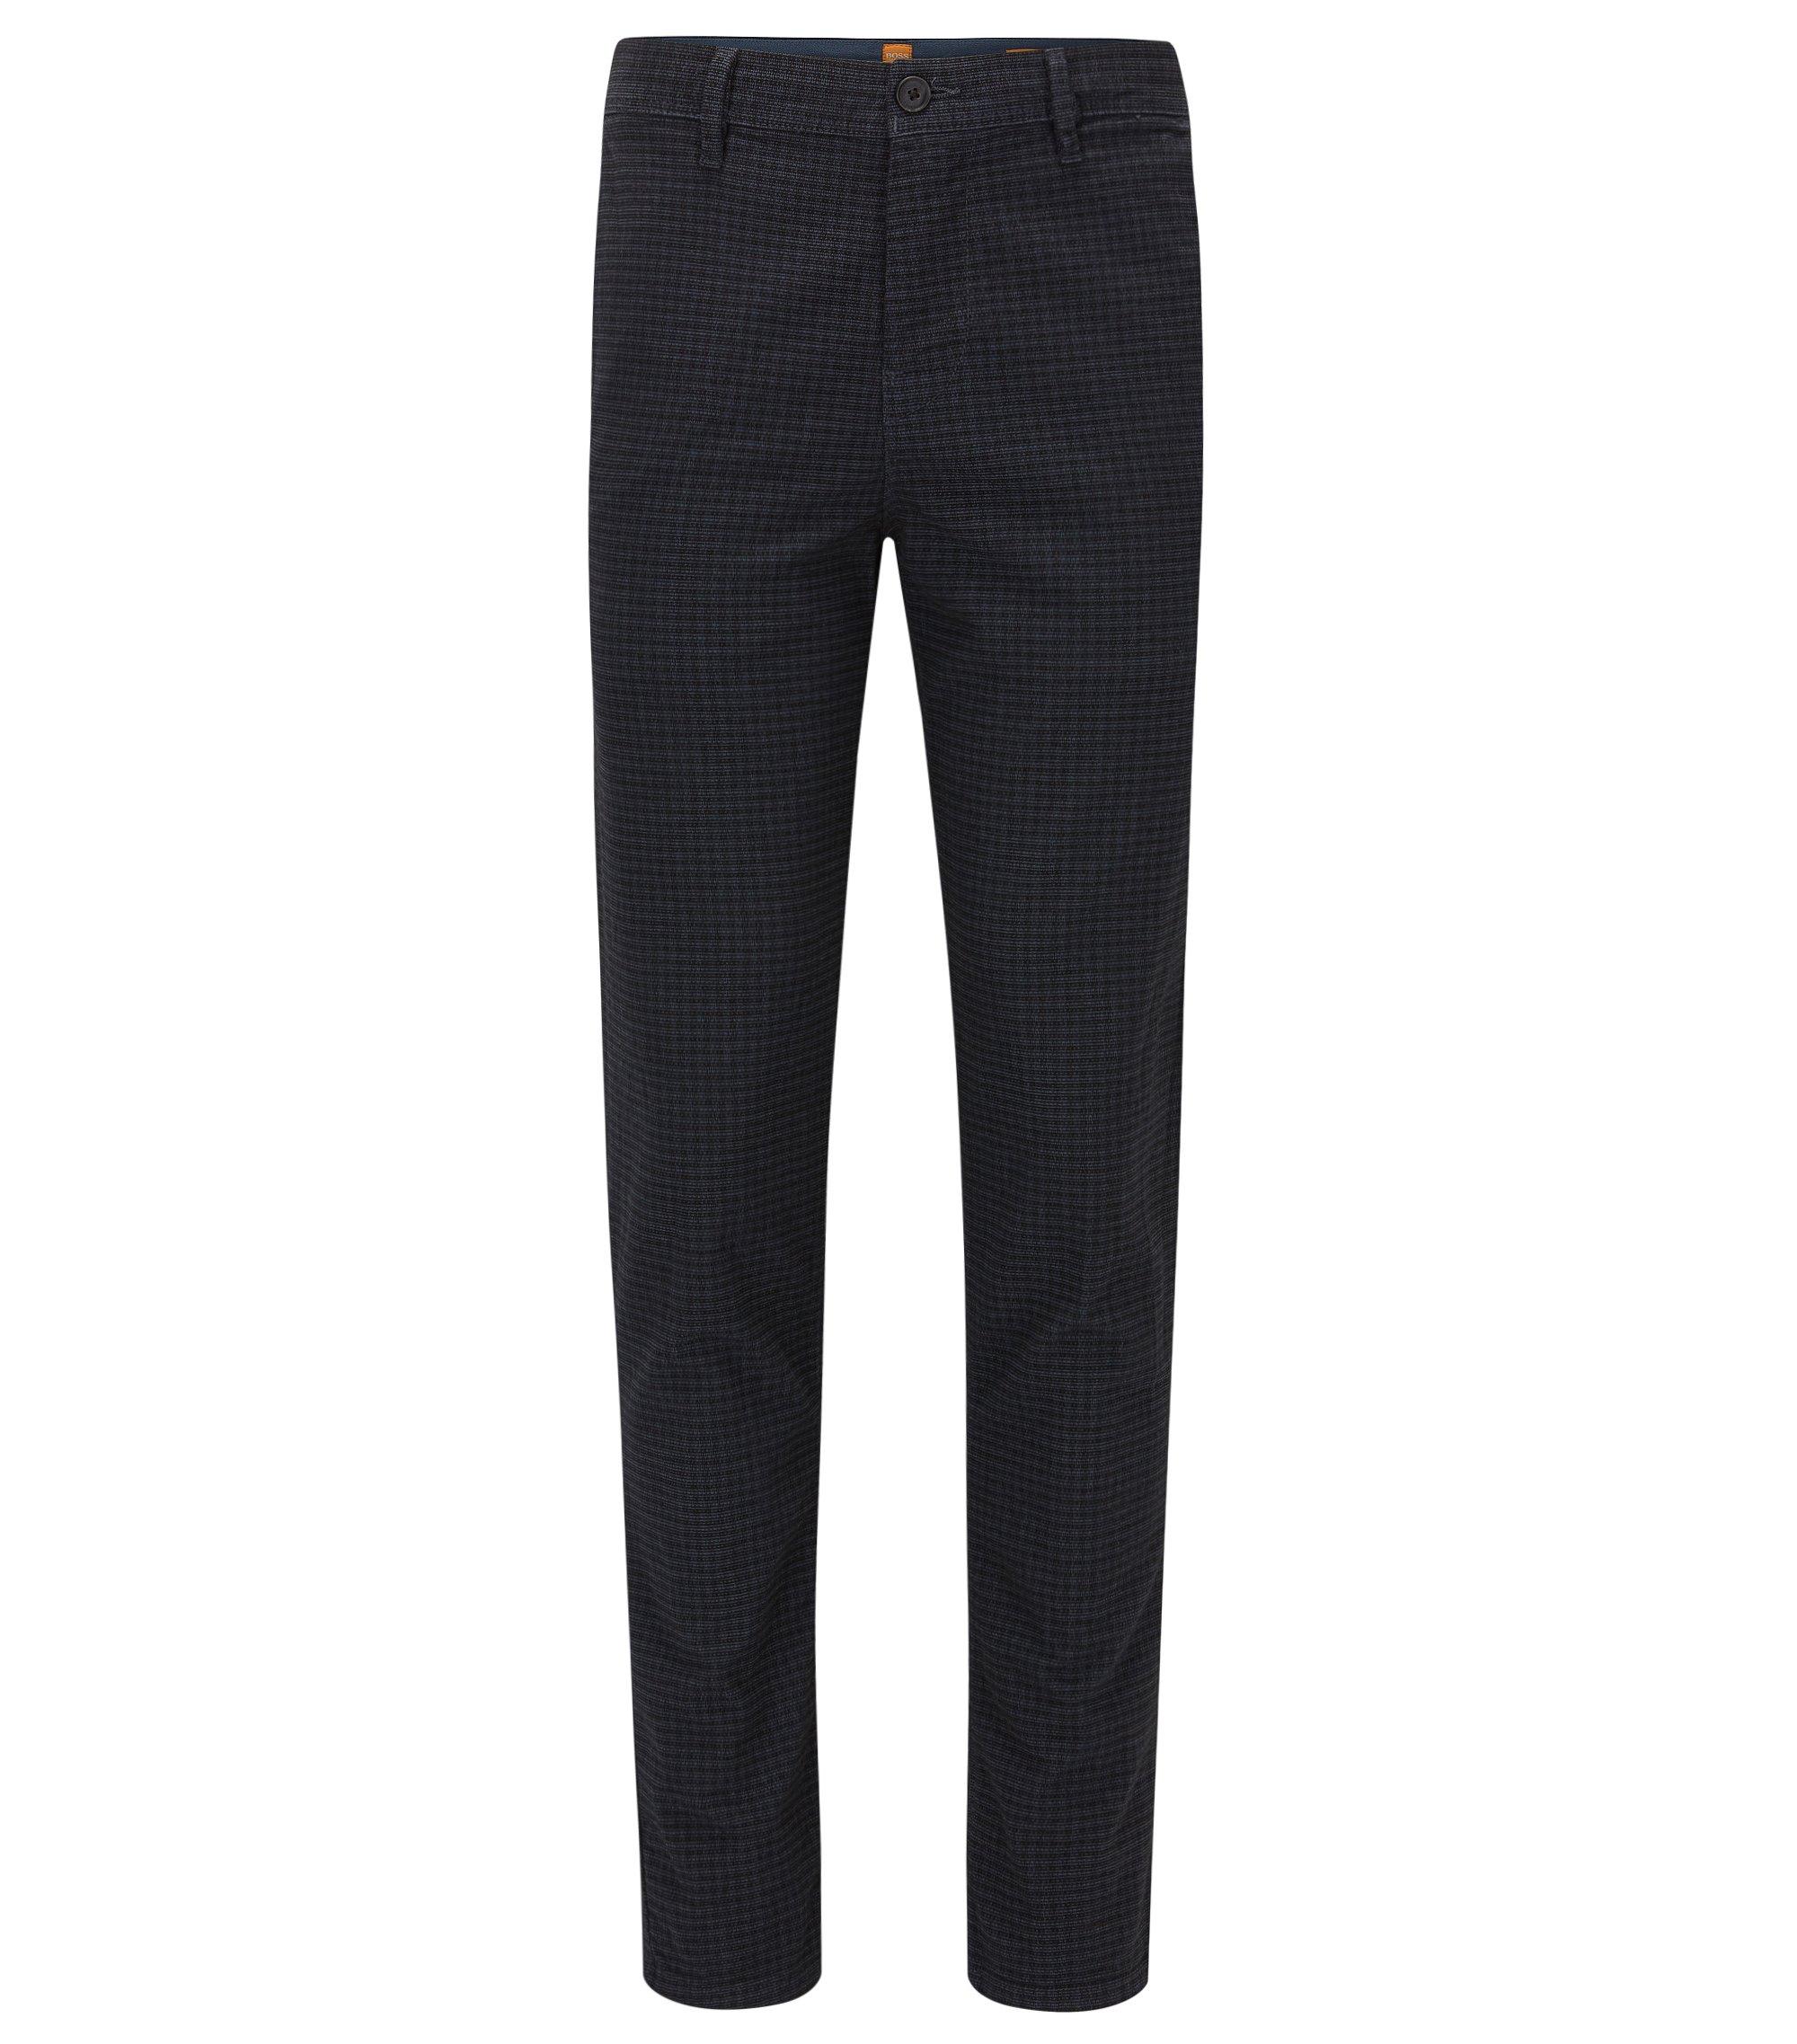 Pantalon Tapered Fit en coton mélangé, Bleu foncé